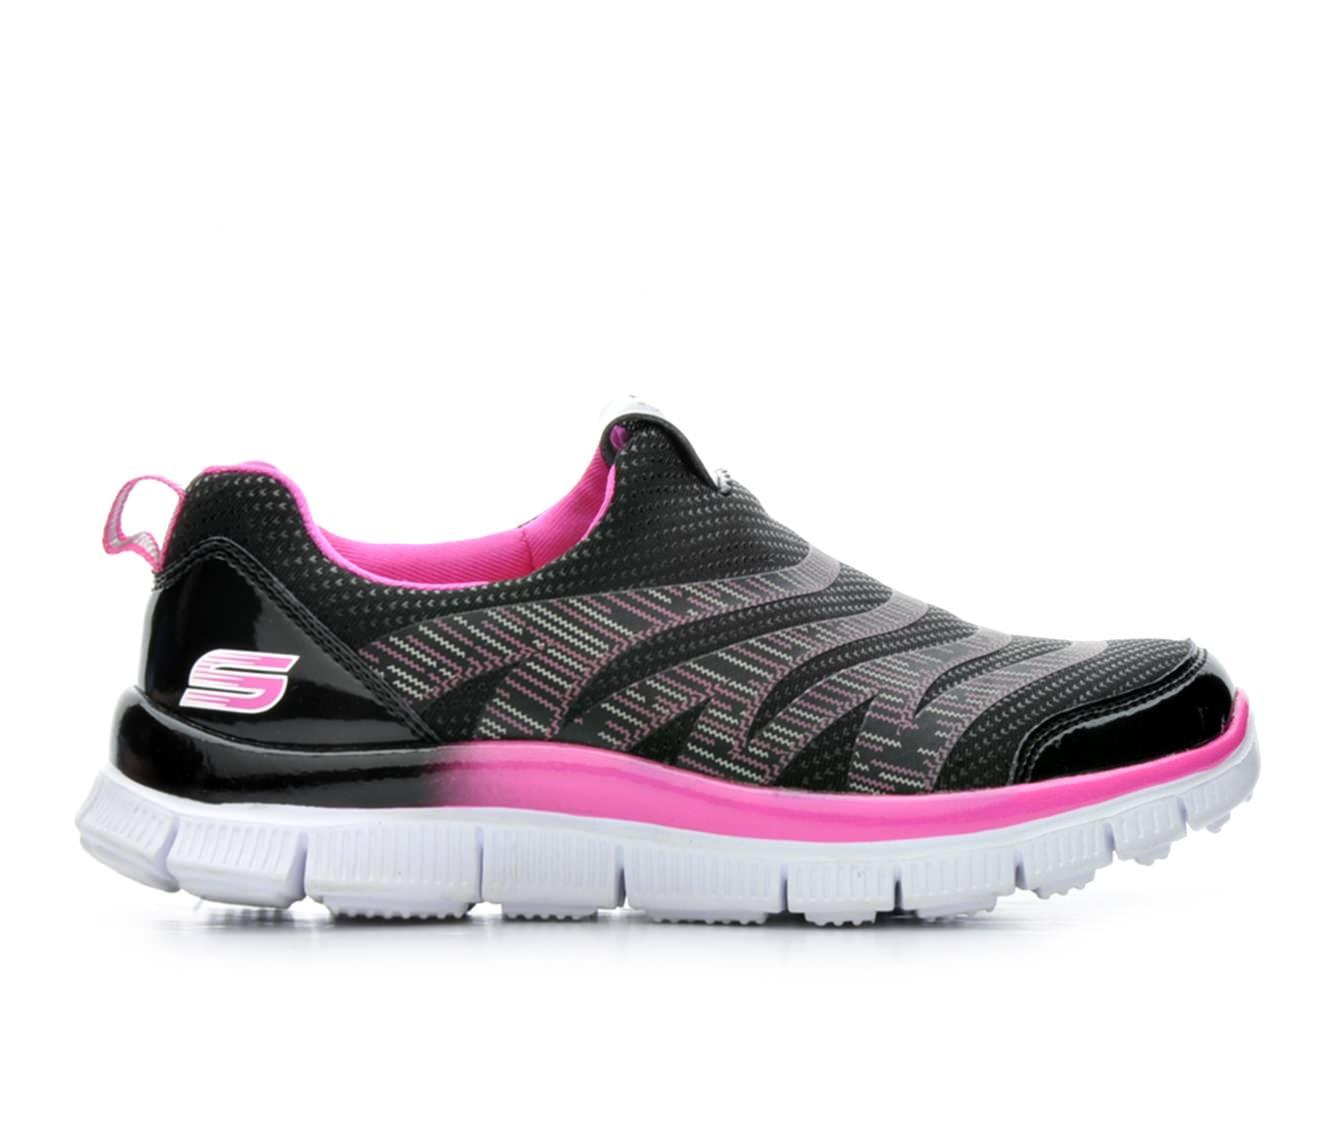 Girls' Skechers Sporty Spunk Sneakers (Black)